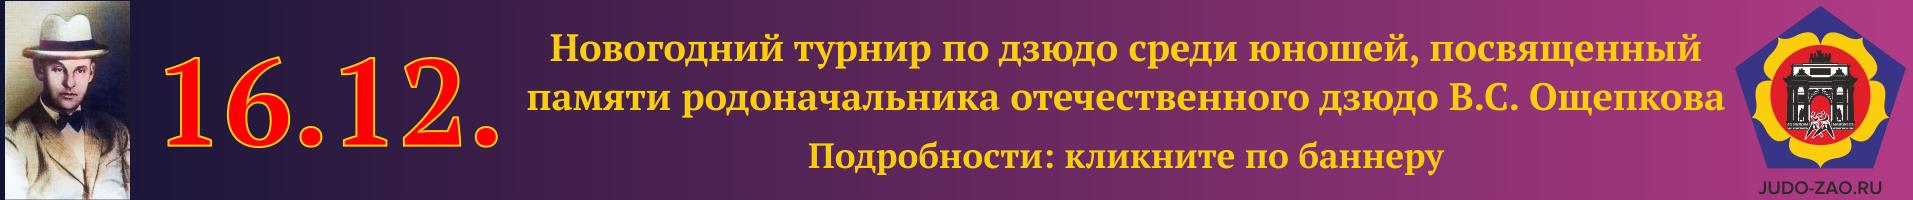 Новогодний турнир по дзюдо среди юношей, посвященный памяти родоначальника отечественного дзюдо В.С. Ощепкова